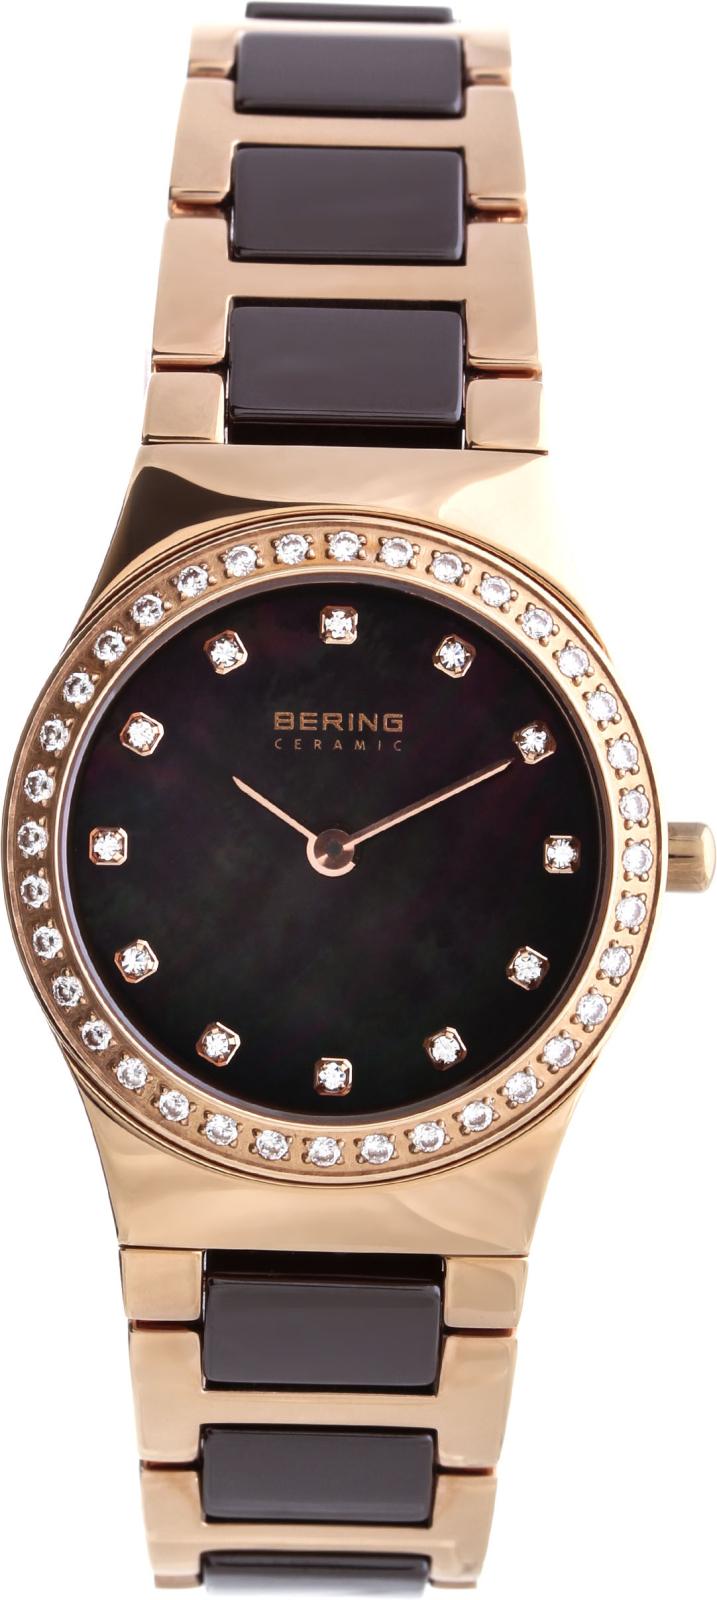 Bering Ceramic 32426-765Наручные часы<br>Датские часы Bering Ceramic 32426-765<br><br>Пол: Женские<br>Страна-производитель: Дания<br>Механизм: Кварцевый<br>Материал корпуса: Сталь<br>Материал ремня/браслета: Сталь+керамика<br>Водозащита, диапазон: 20 - 100 м<br>Стекло: Сапфировое<br>Толщина корпуса: None<br>Стиль: Классика